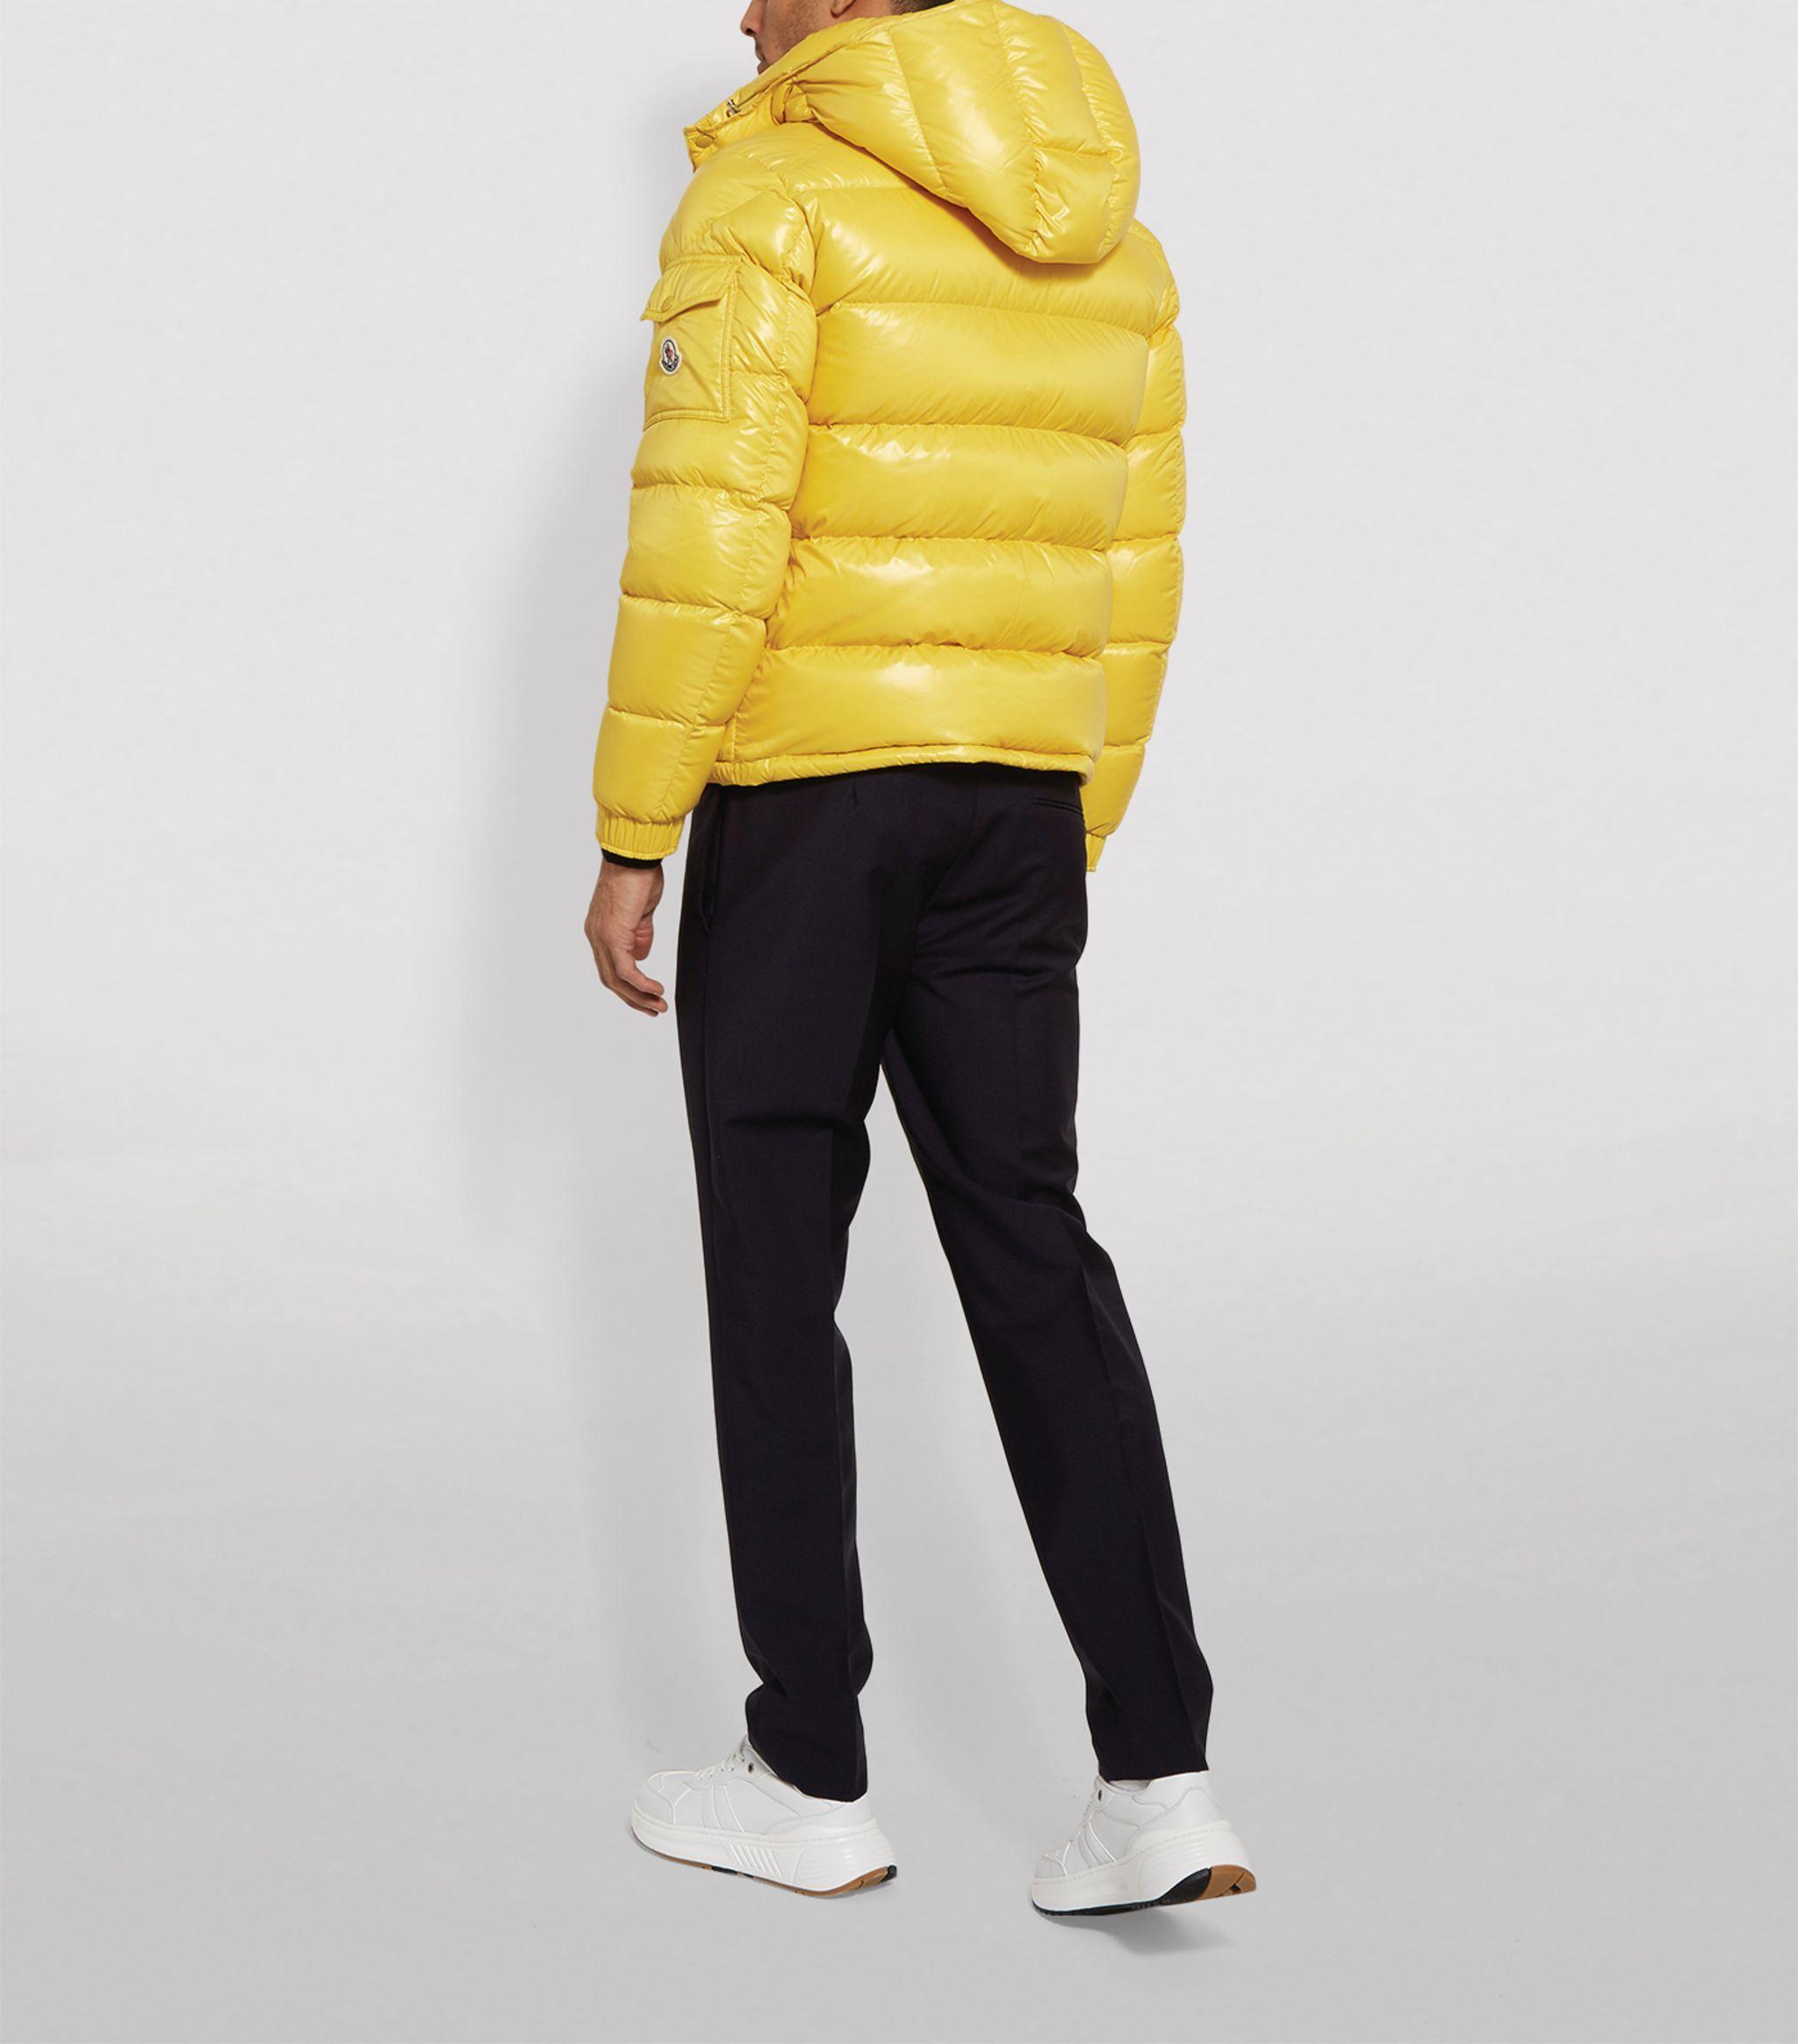 Moncler Yellow Maya Jacket Ad Paid Yellow Moncler Jacket Maya Jackets Moncler Winter Jackets [ 2328 x 2048 Pixel ]